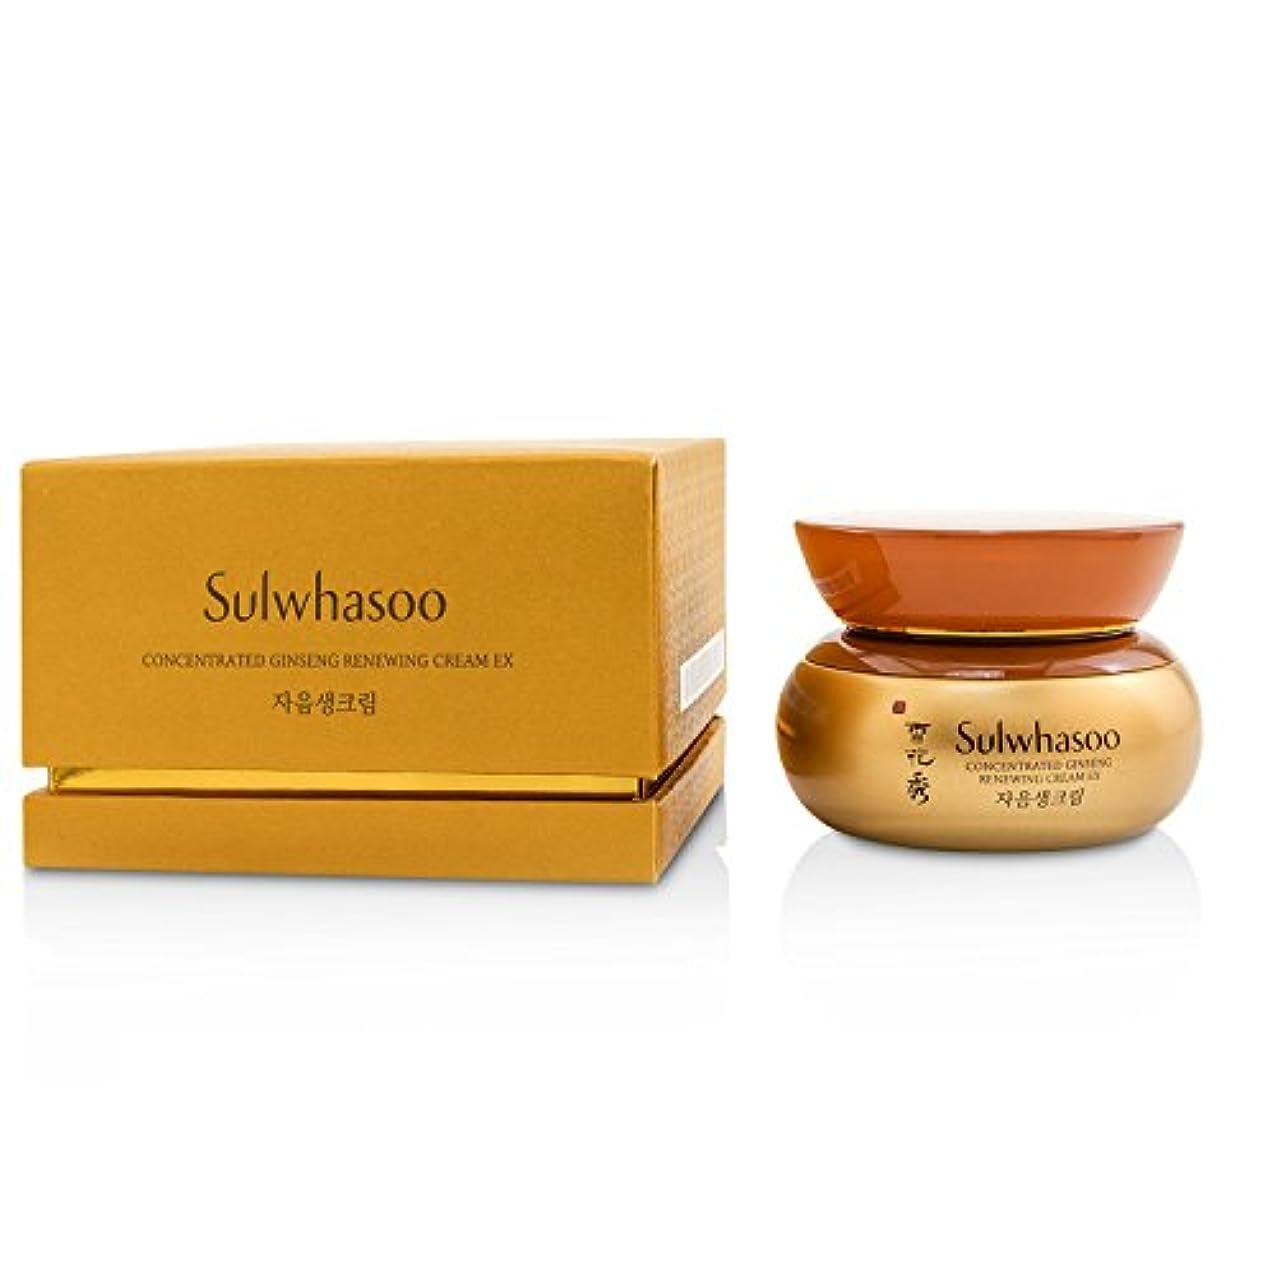 偏差異議上へソルファス Concentrated Ginseng Renewing Cream EX 60ml/2.02oz並行輸入品